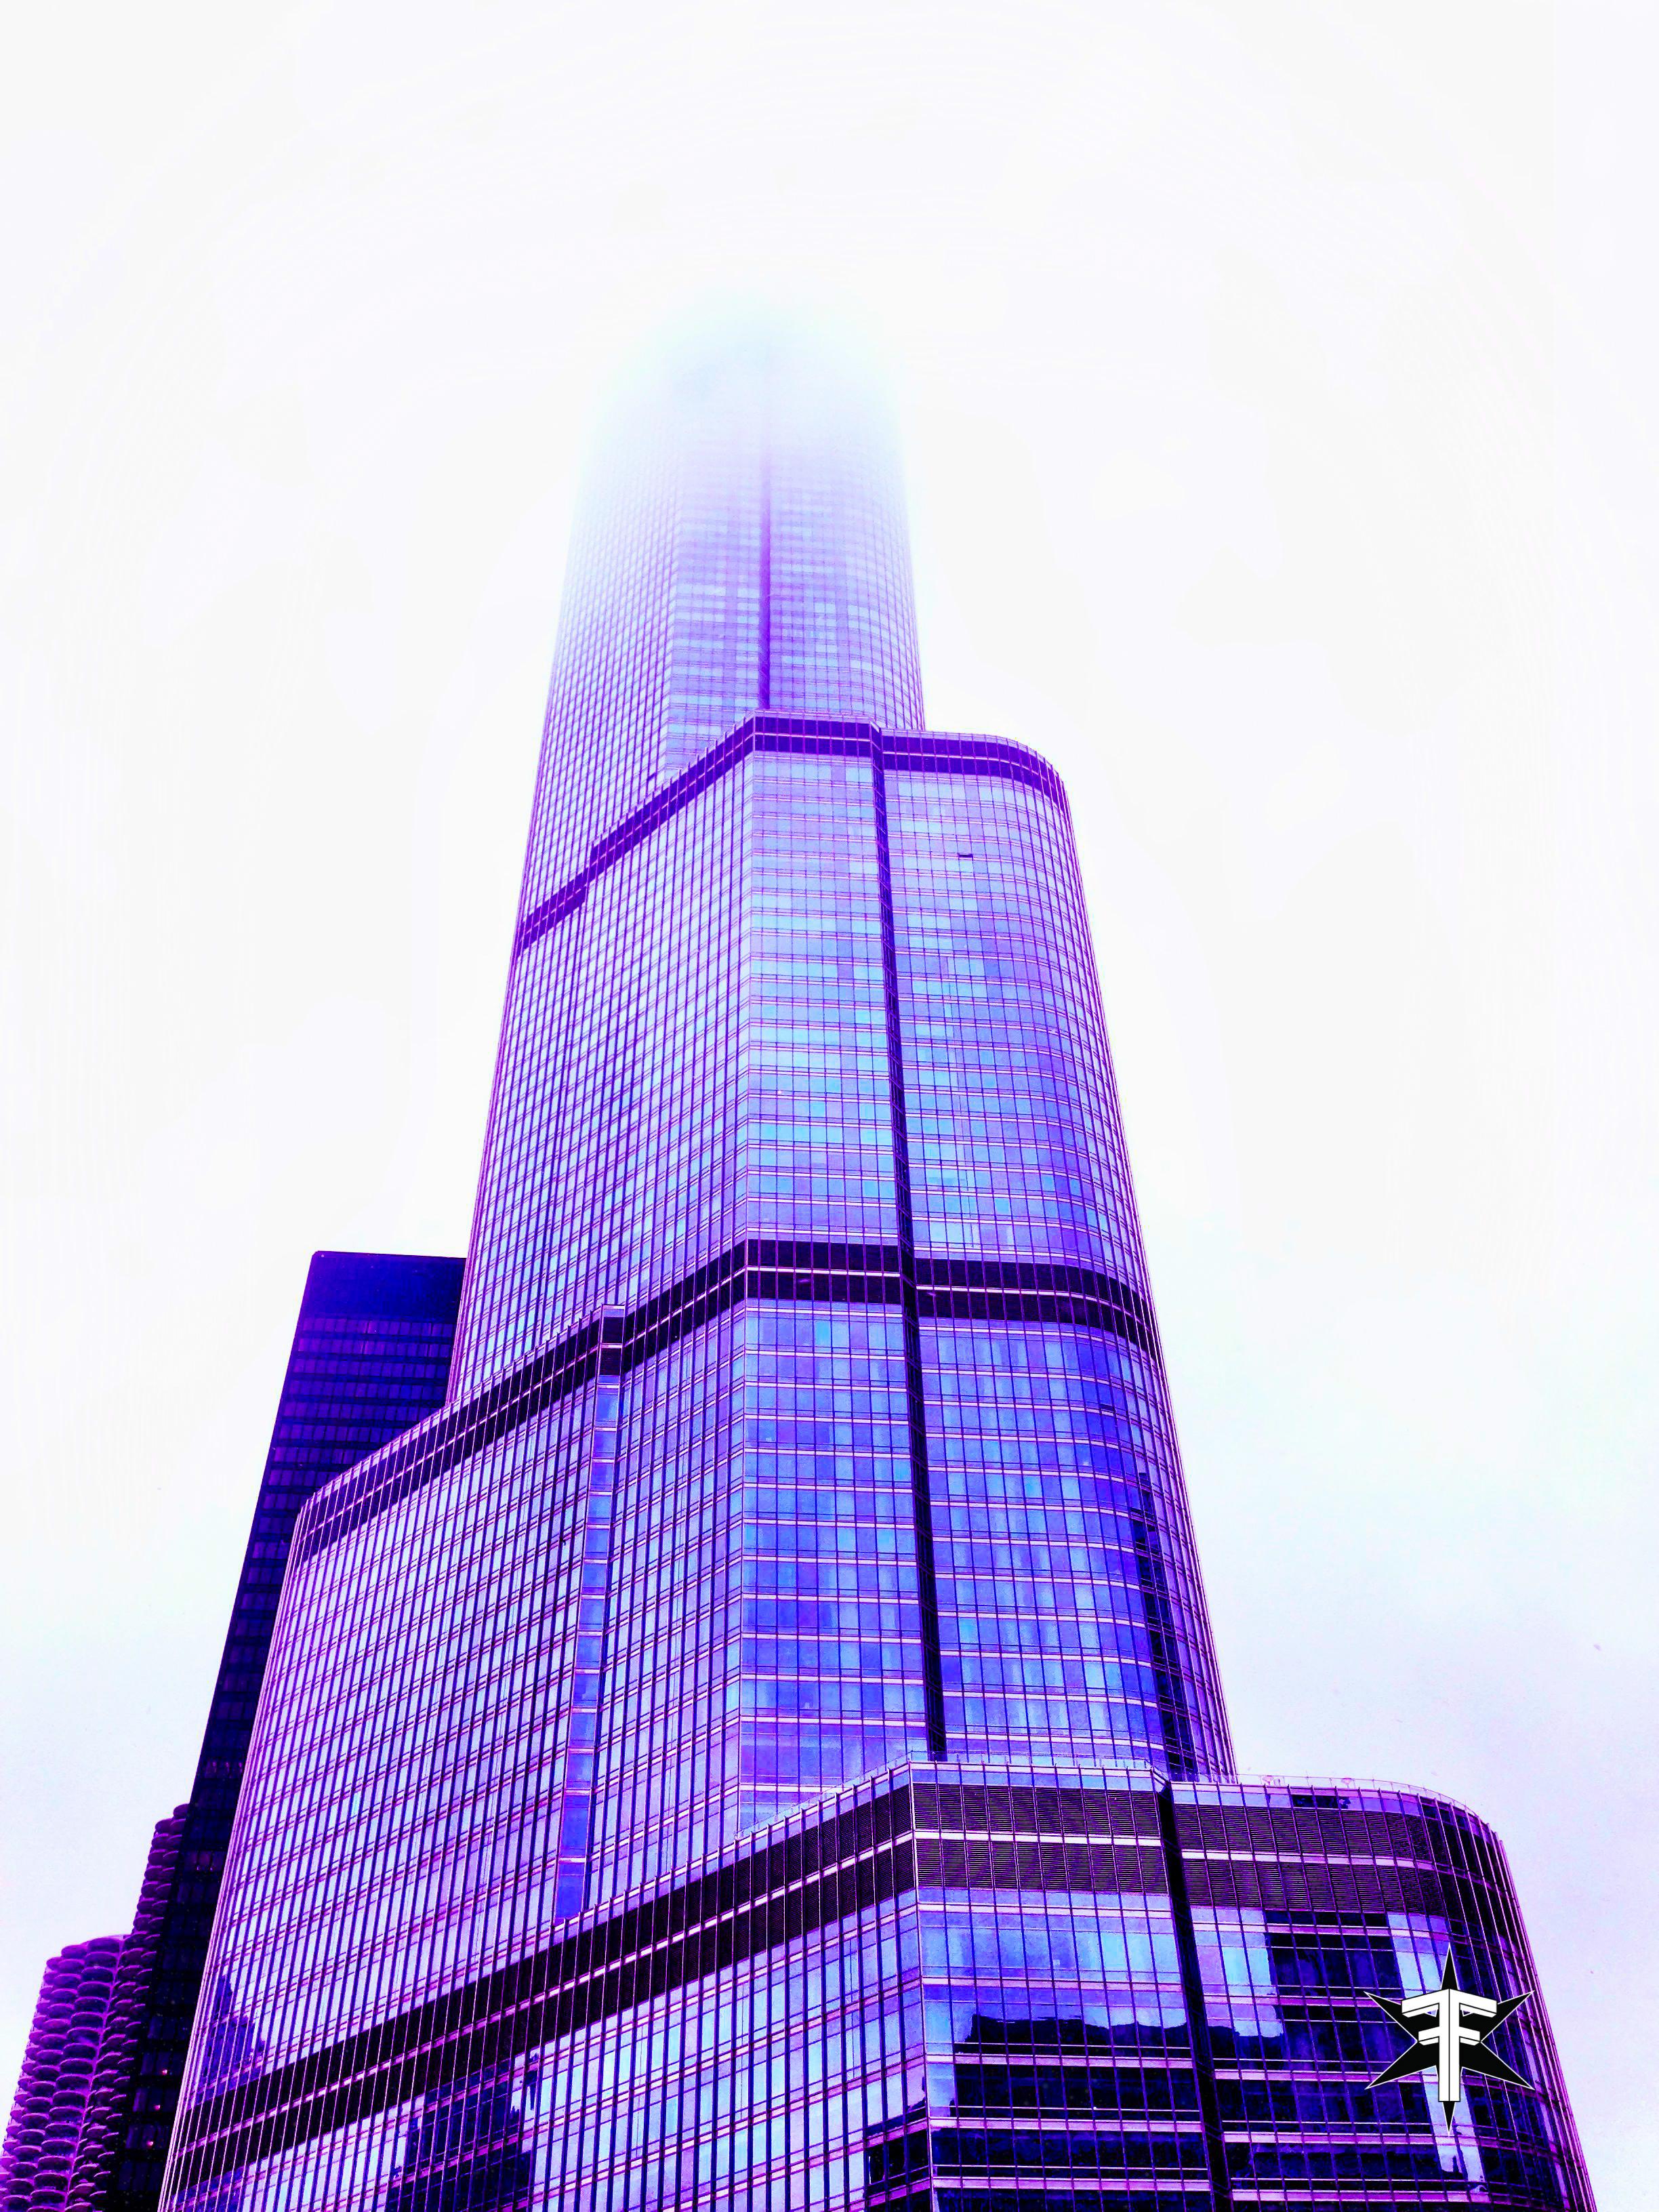 chicago architecture eric formato photography design arquitectura architettura buildings skyscraper skyscrapers-3.jpg